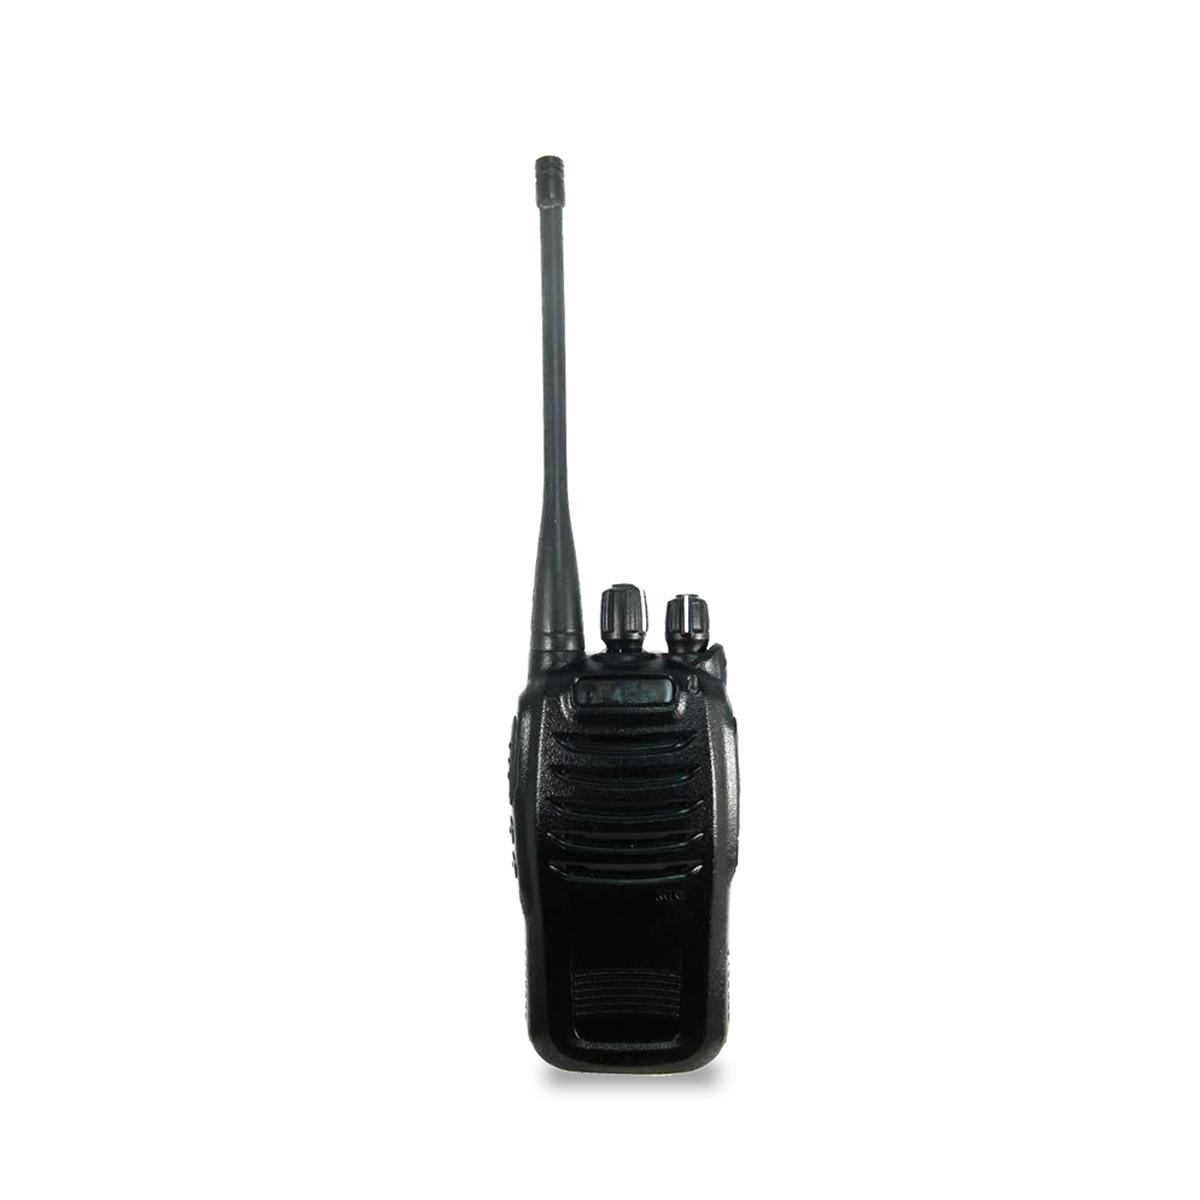 Radio Genérico TH-2800 Analógico